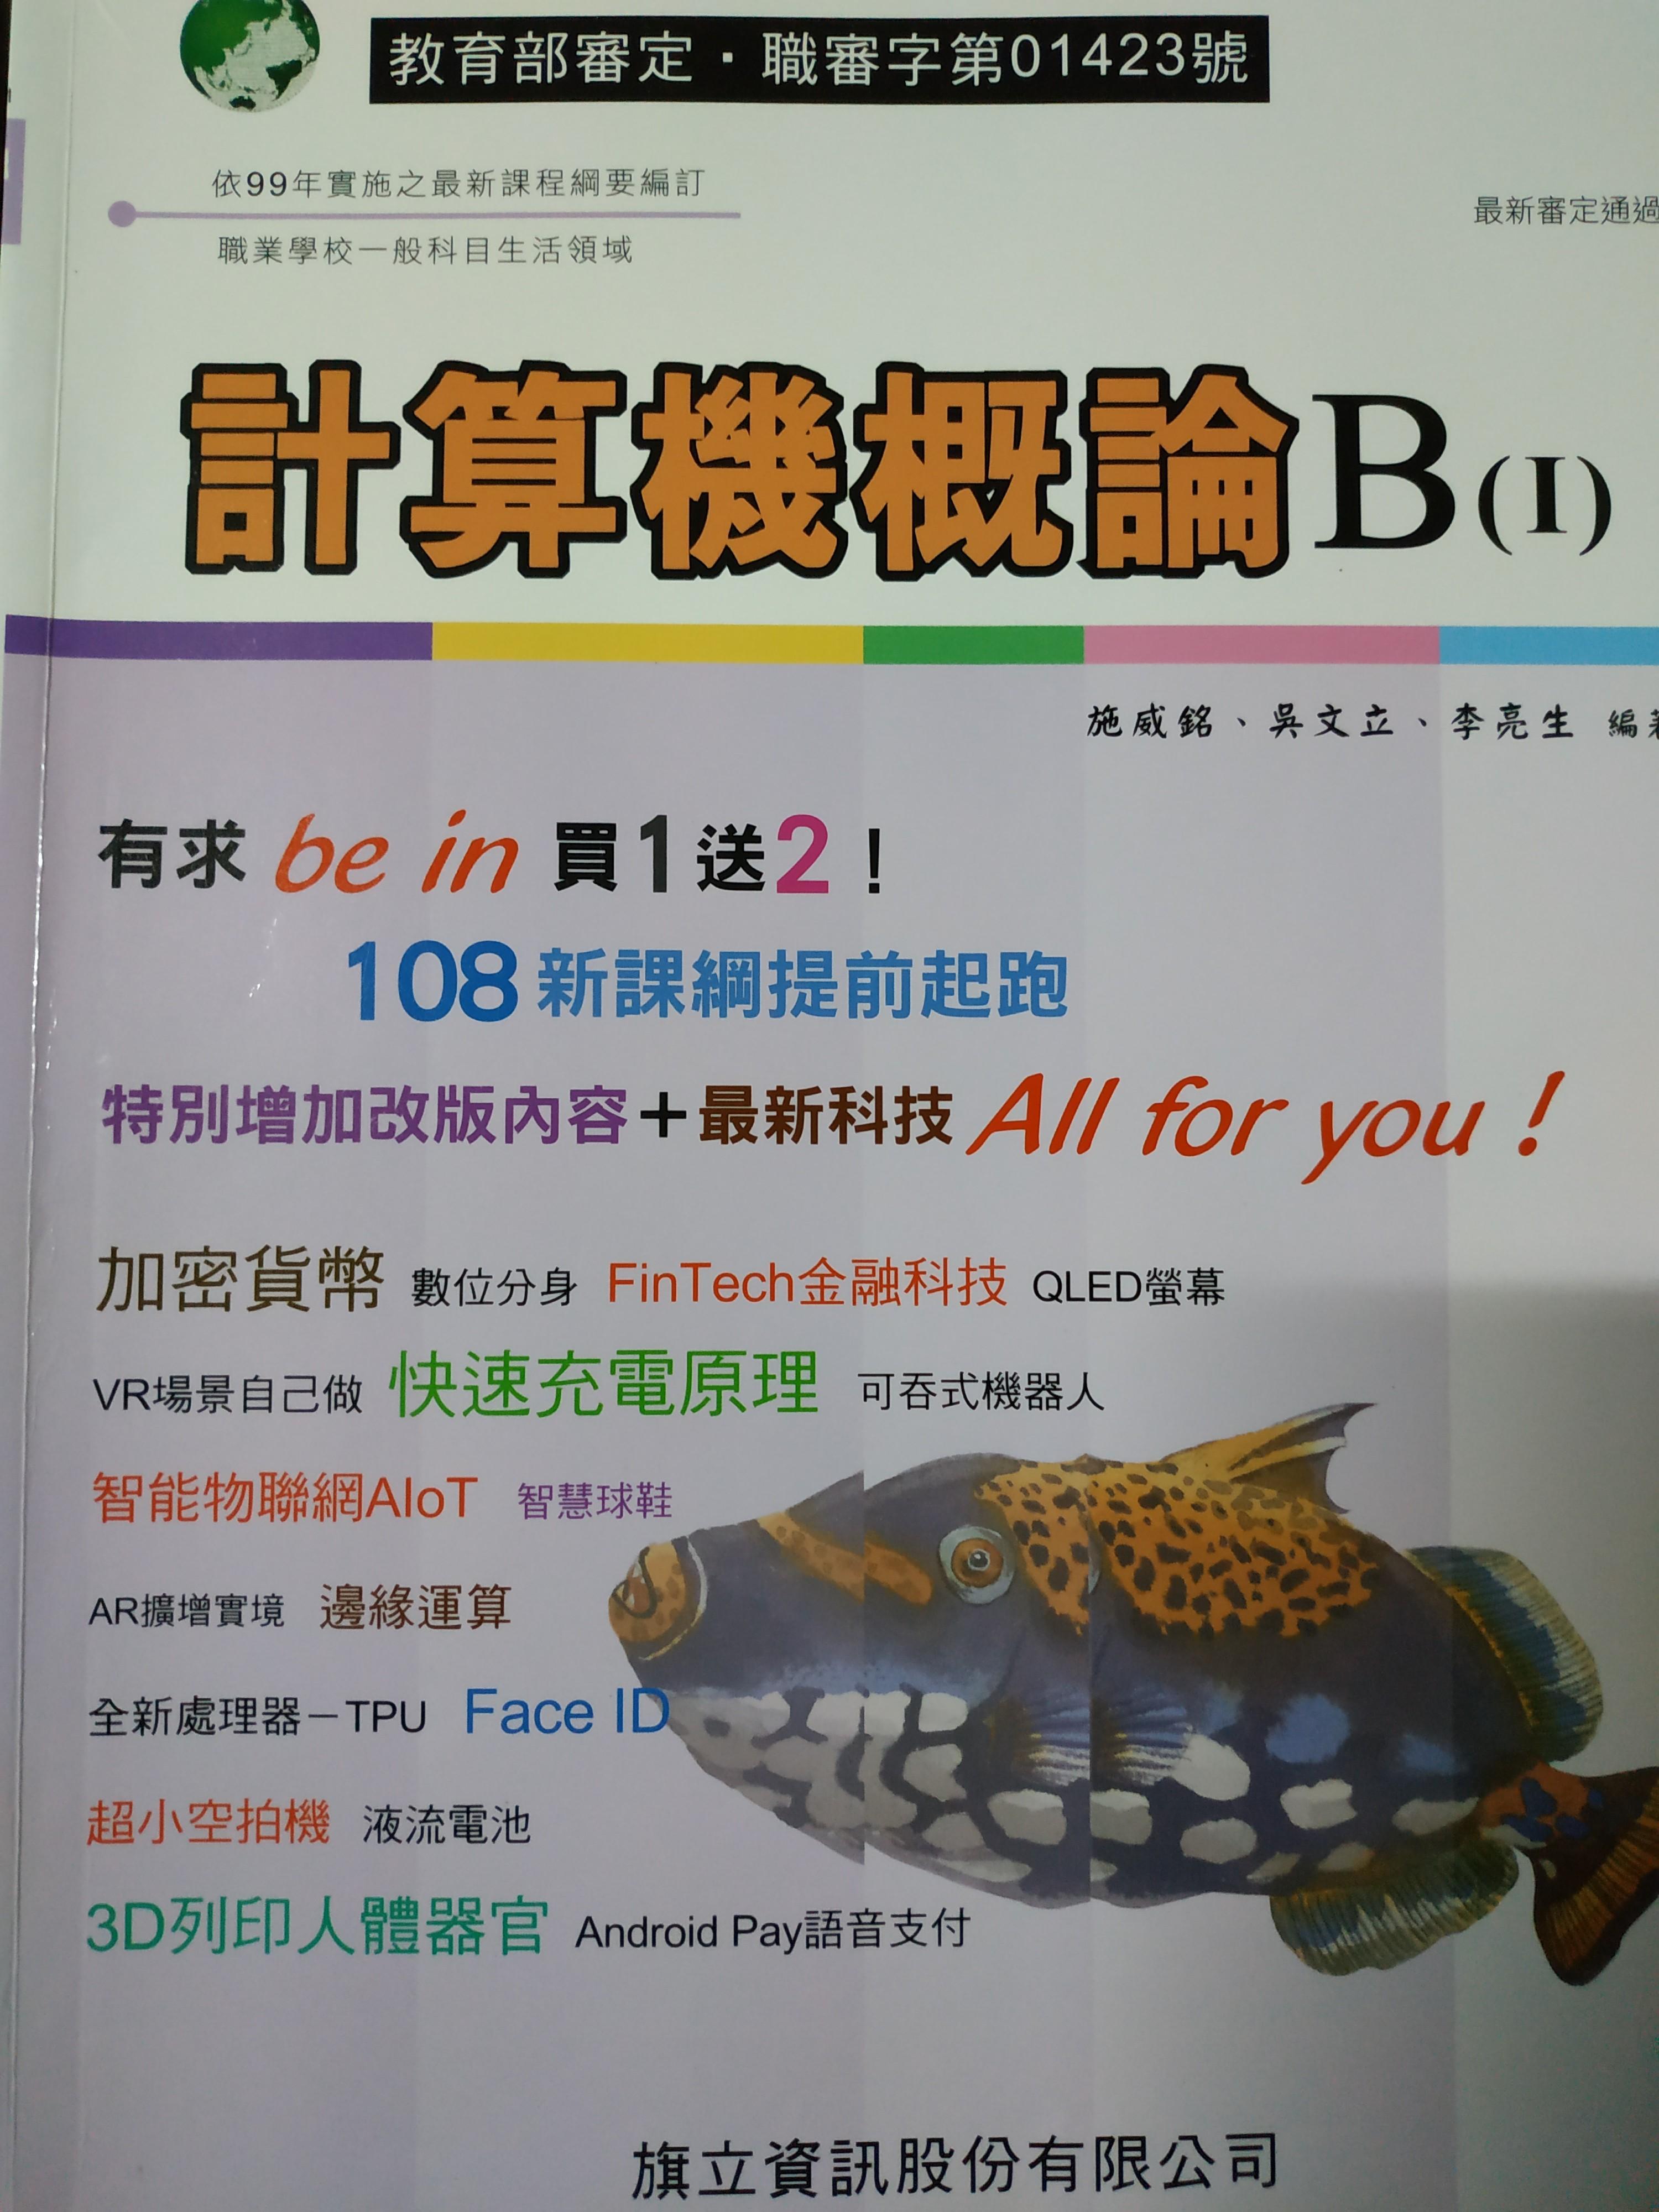 計算機概論B(Ⅰ)_施威銘.吳文立.李亮生 編著